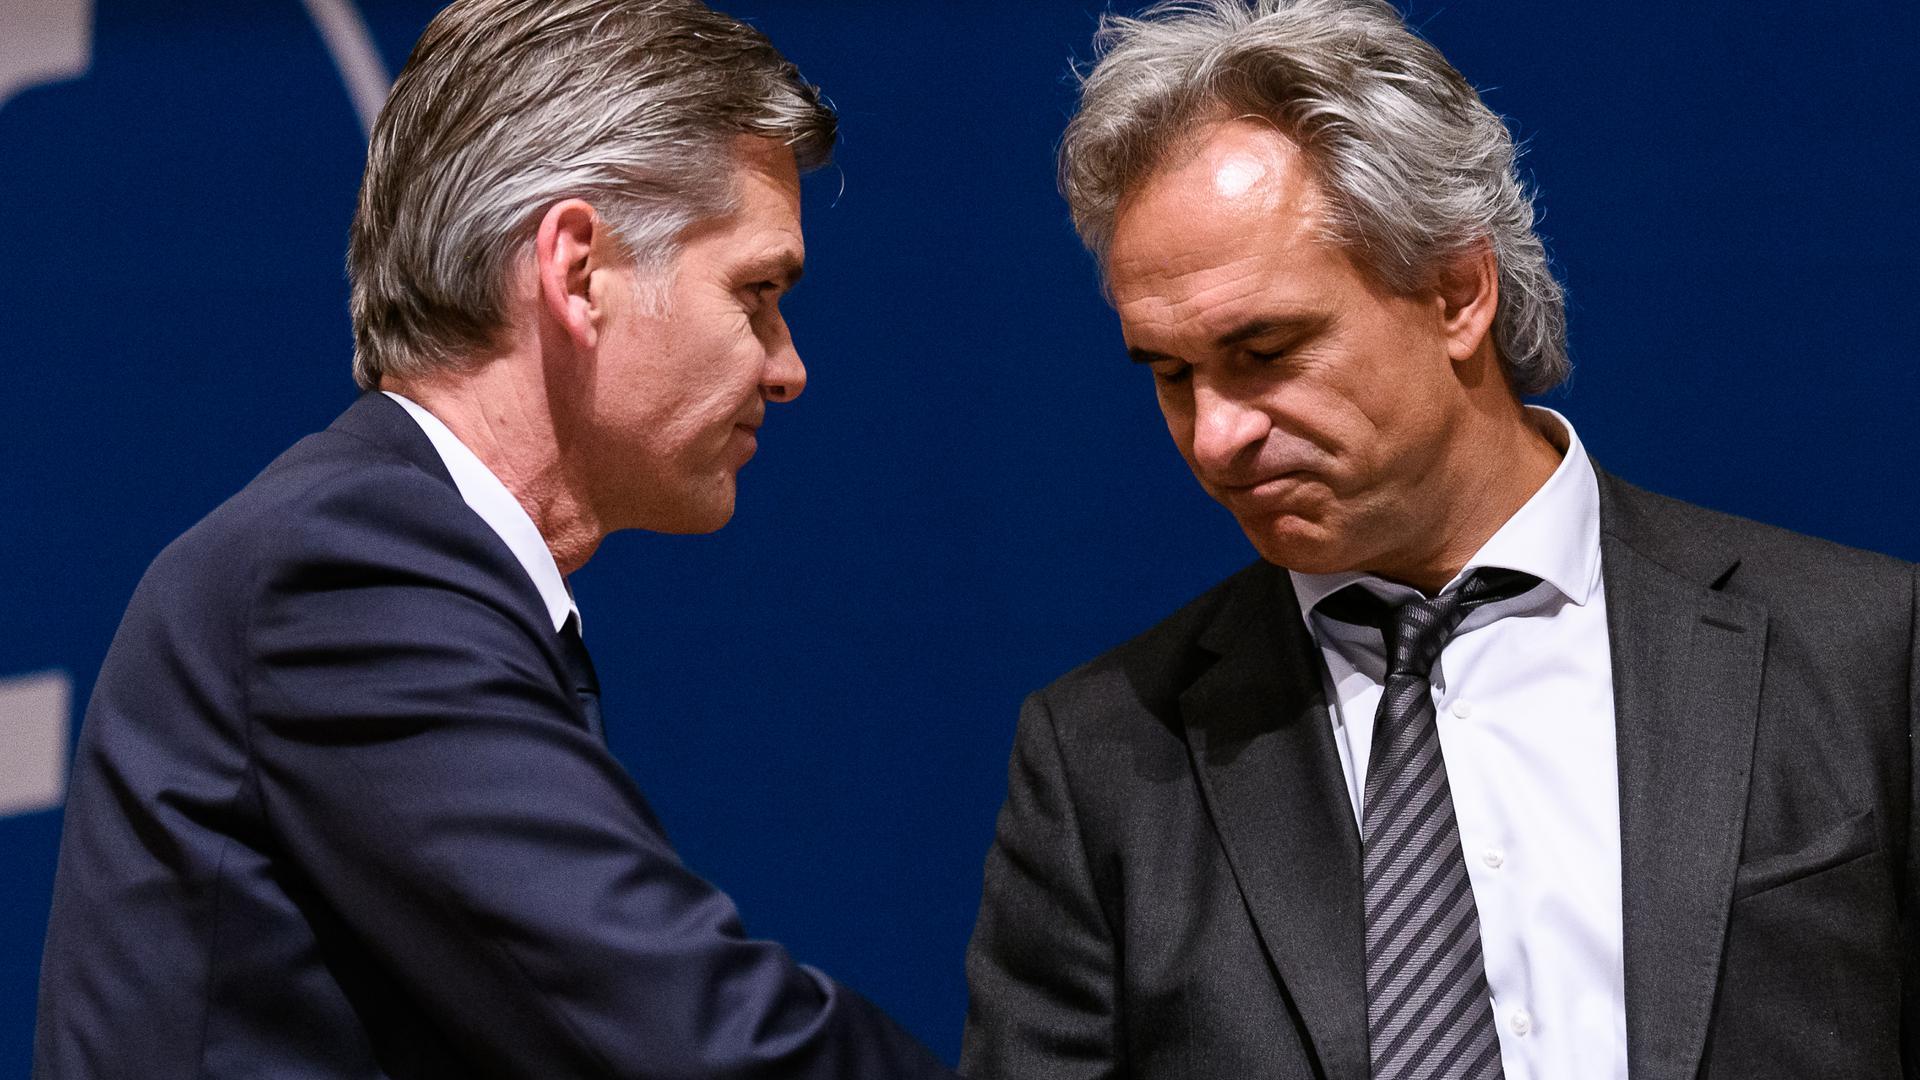 KSC-Präsidentschfts-Kandidat Martin Mueller (rechts) gratuliert KSC-Präsident Ingo Wellenreuther zum Wahlsieg.